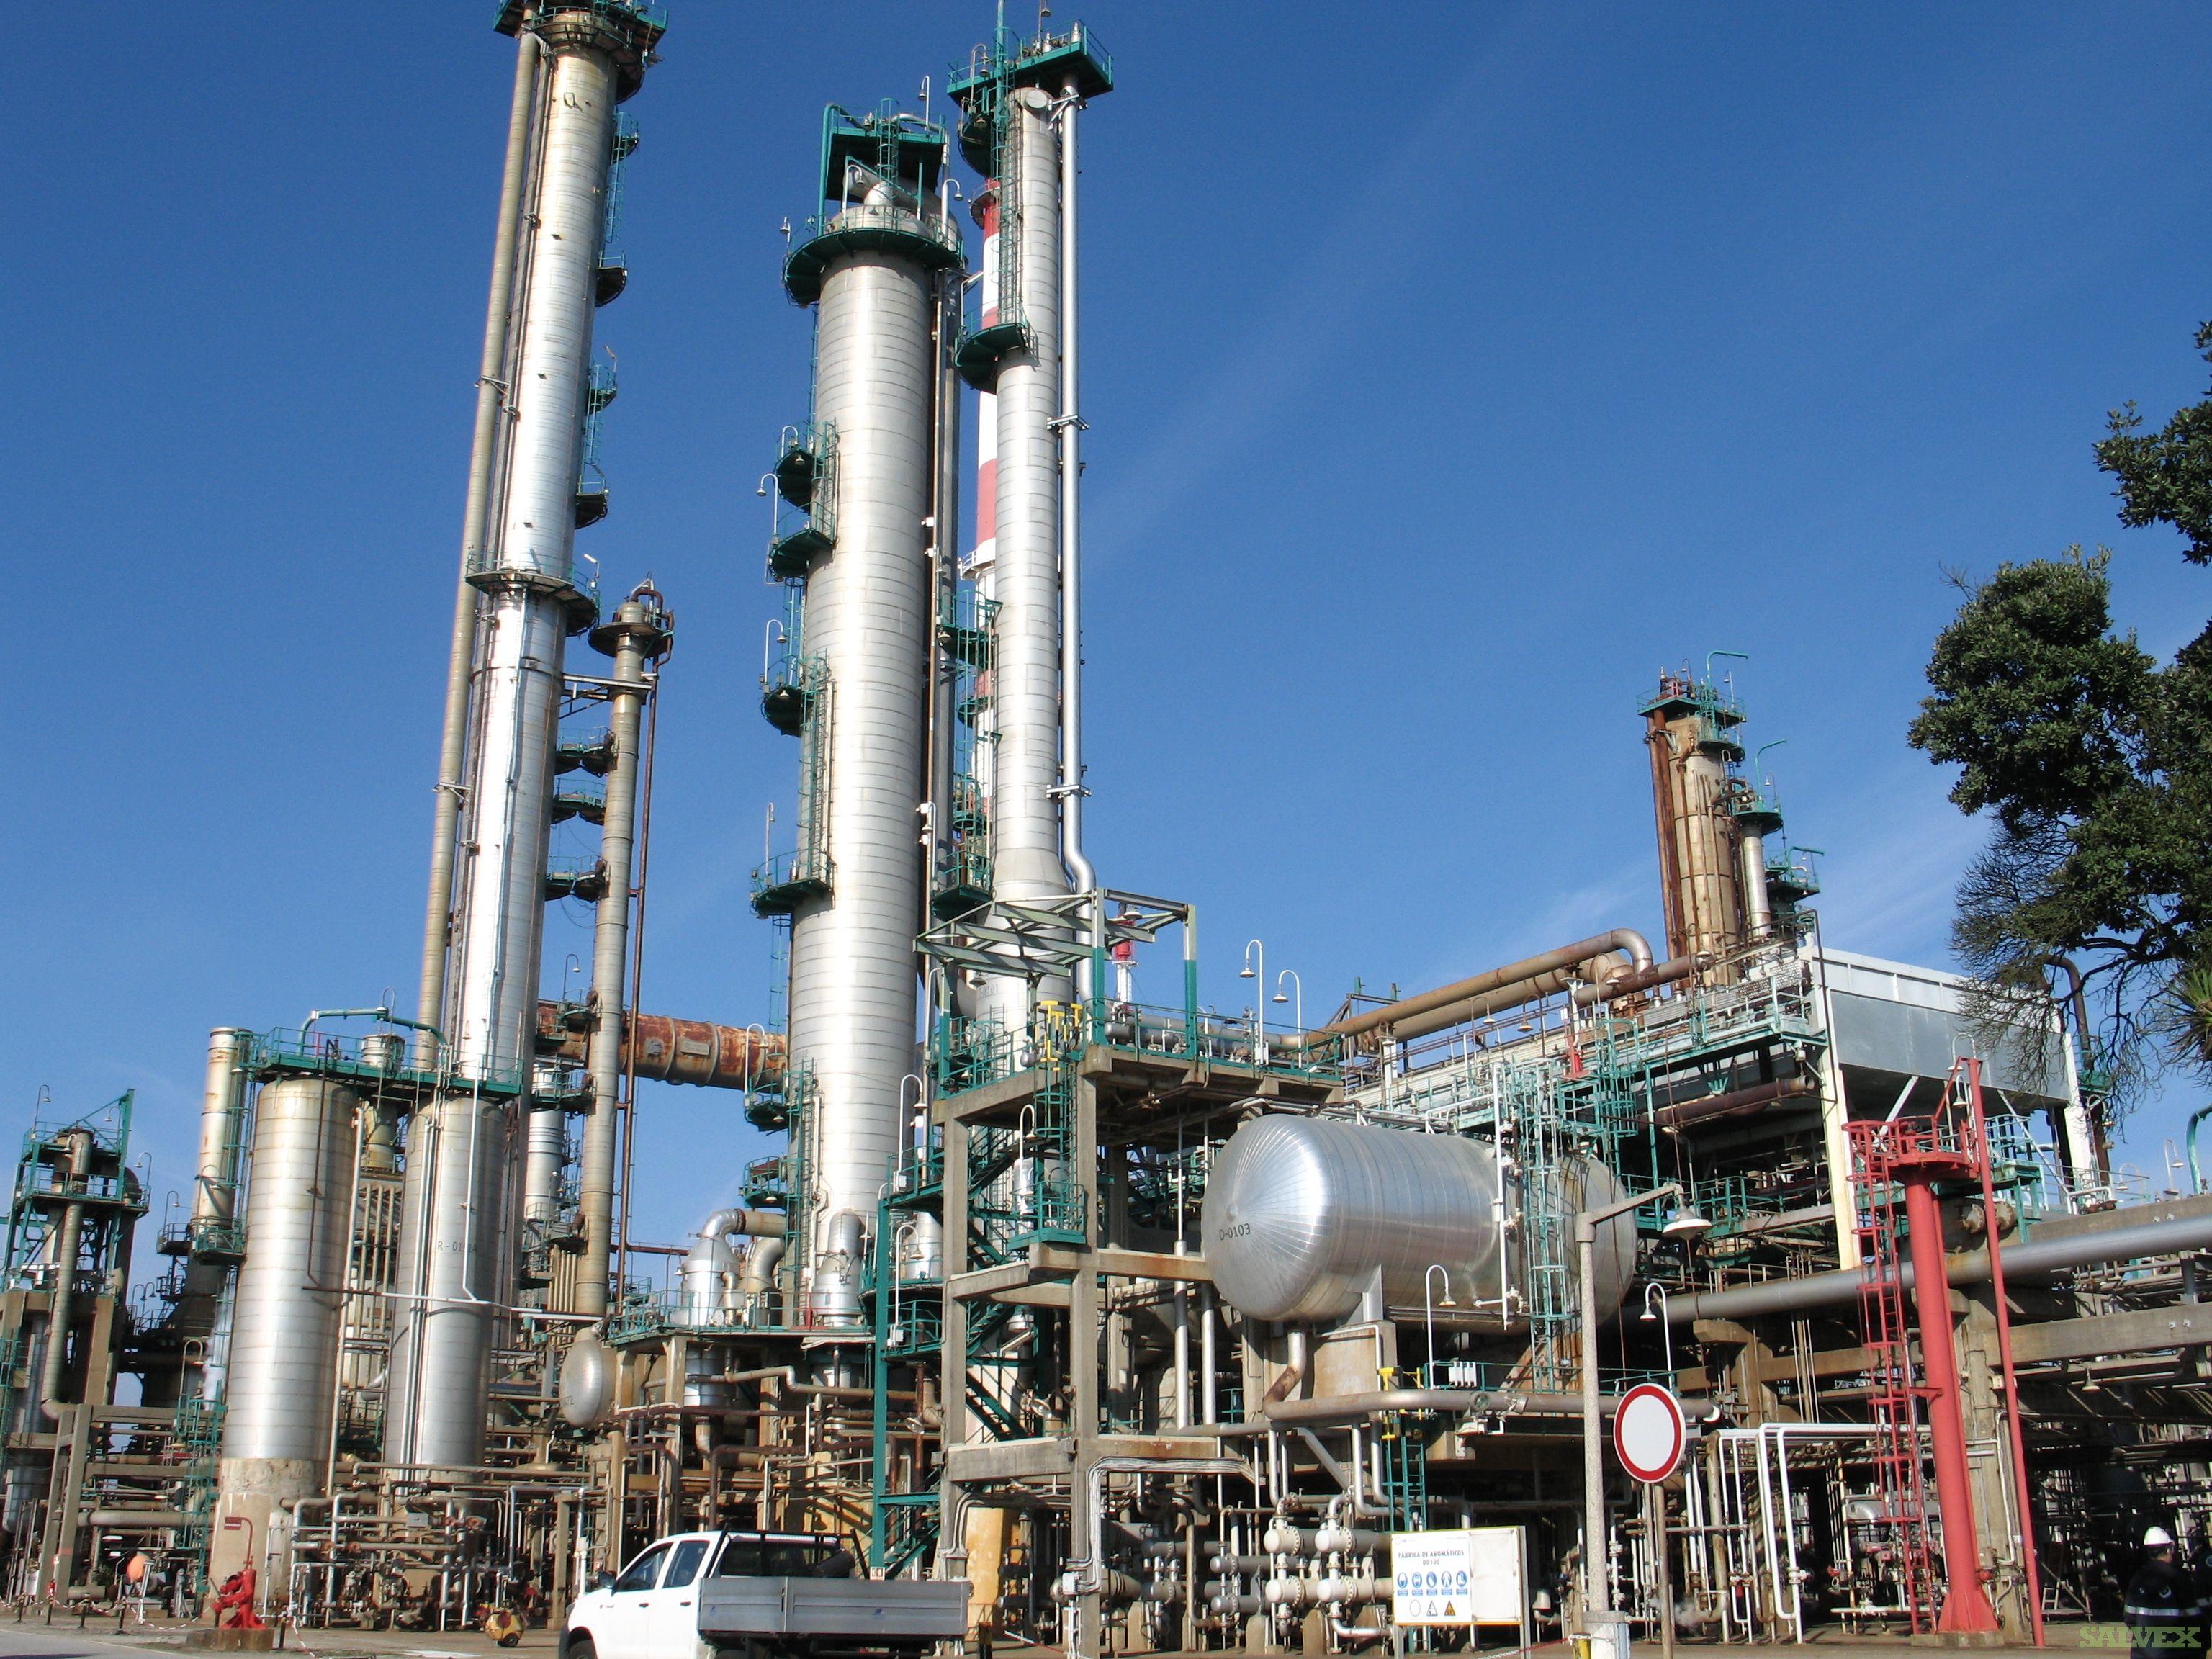 Complete Fuels Plant: Base Oils Plant, Aromatics Plant, Cogeneration Plant, Monobuoy & Adjacent Equipment.